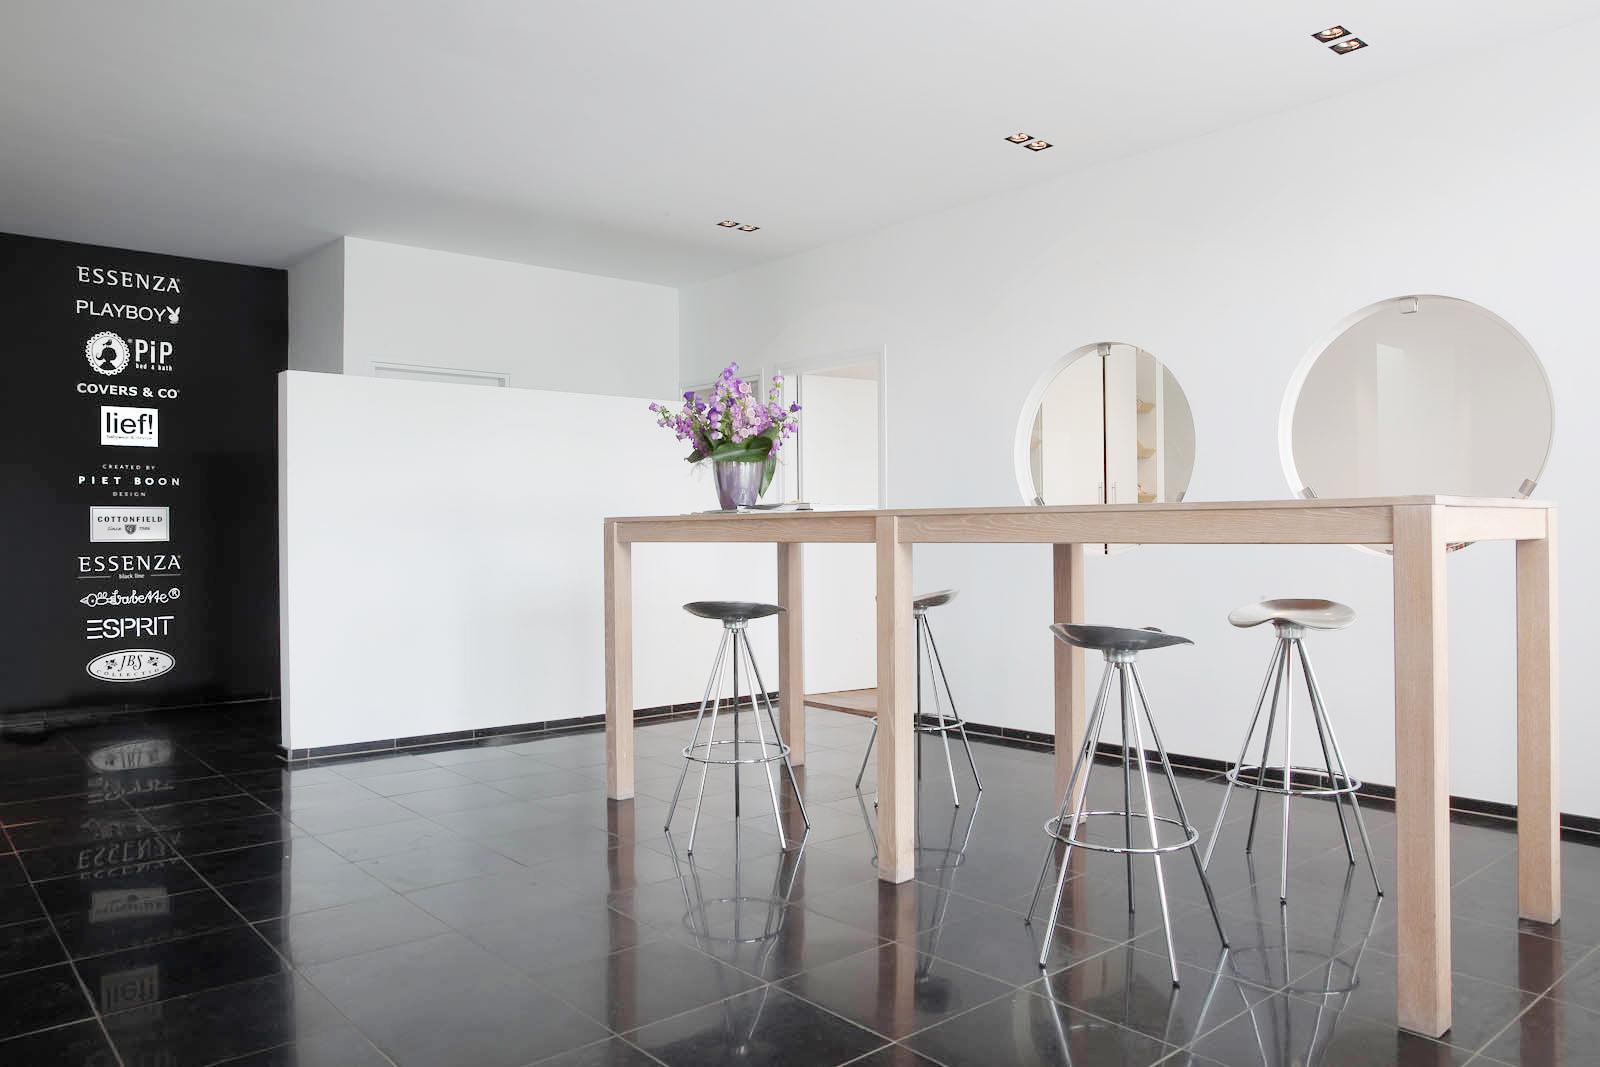 Interierfotograaf en architectuurfotograaf Robert Zwart toont foto van interieur van Es Home